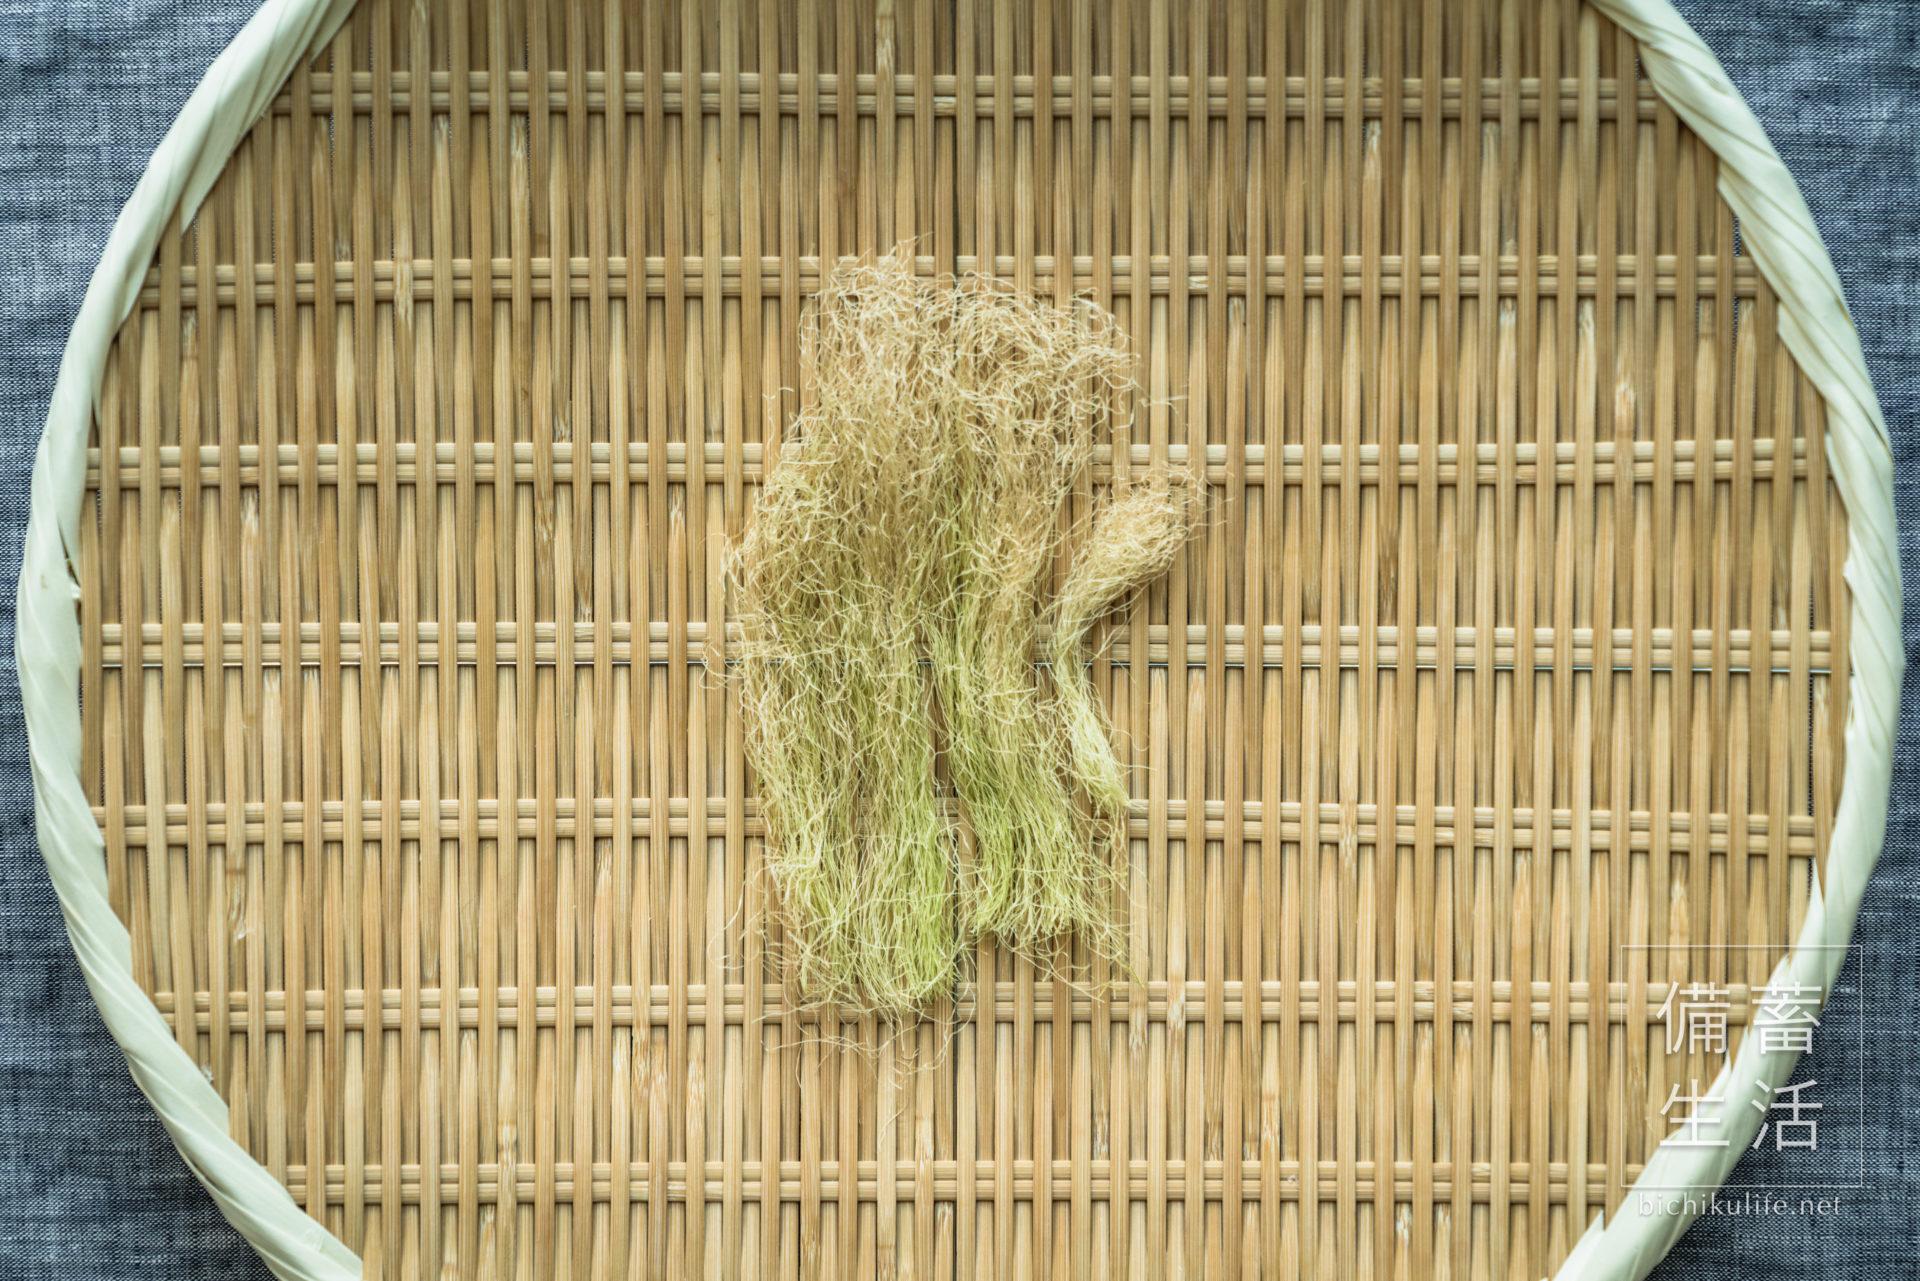 とうもろこしのひげ 干し野菜づくり|干しトウモロコシのひげの作り方